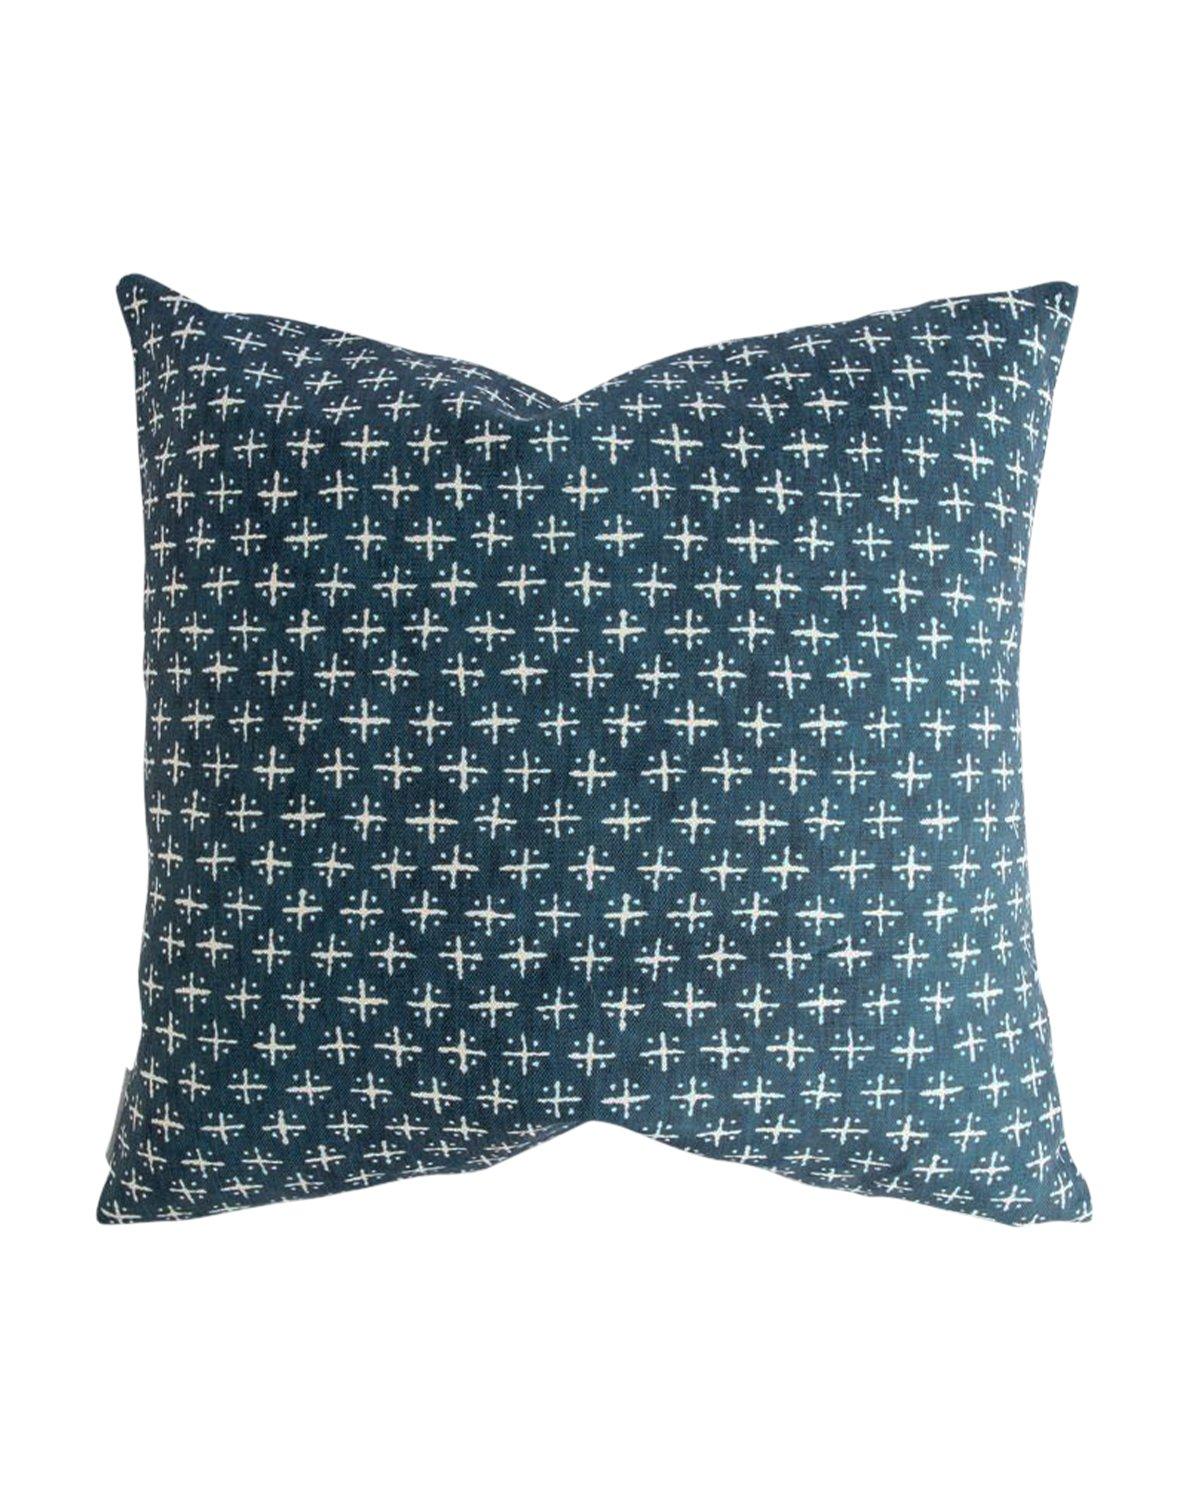 Newport_Cross_Pillow_1_1c53e0d2-1c80-4604-afce-4dbac8c8cf26.jpg